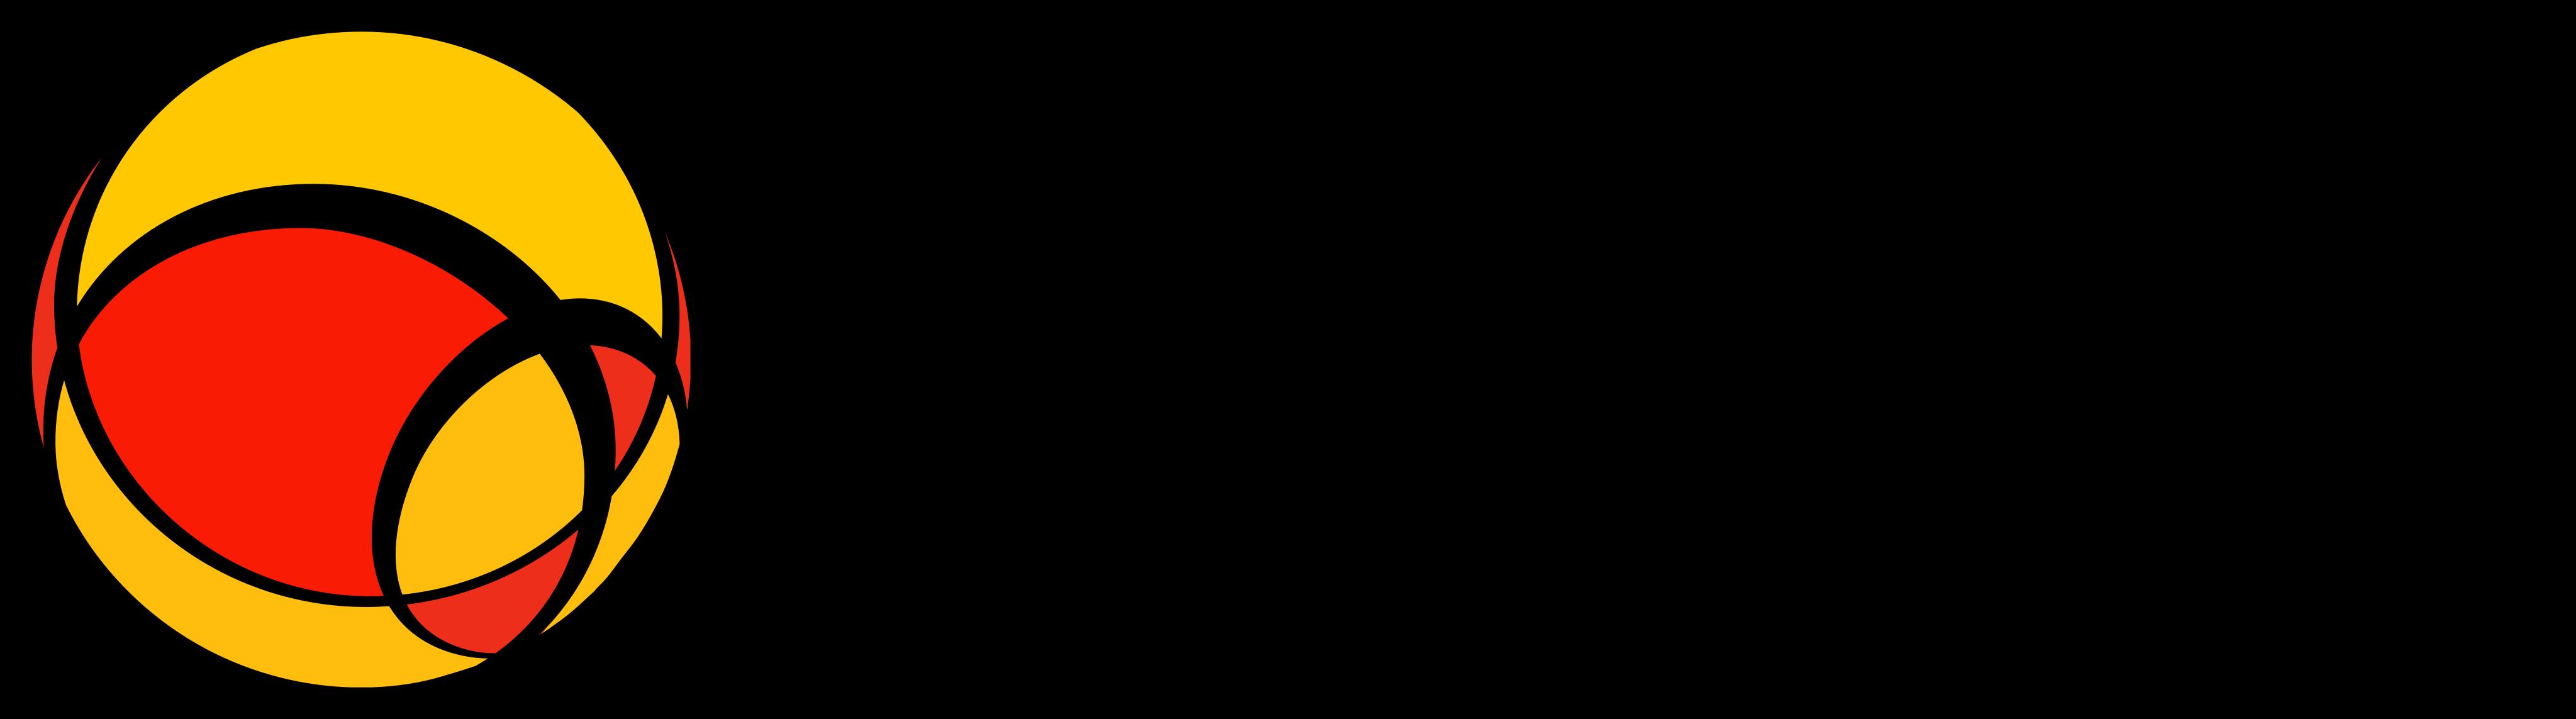 PagBank Logo.